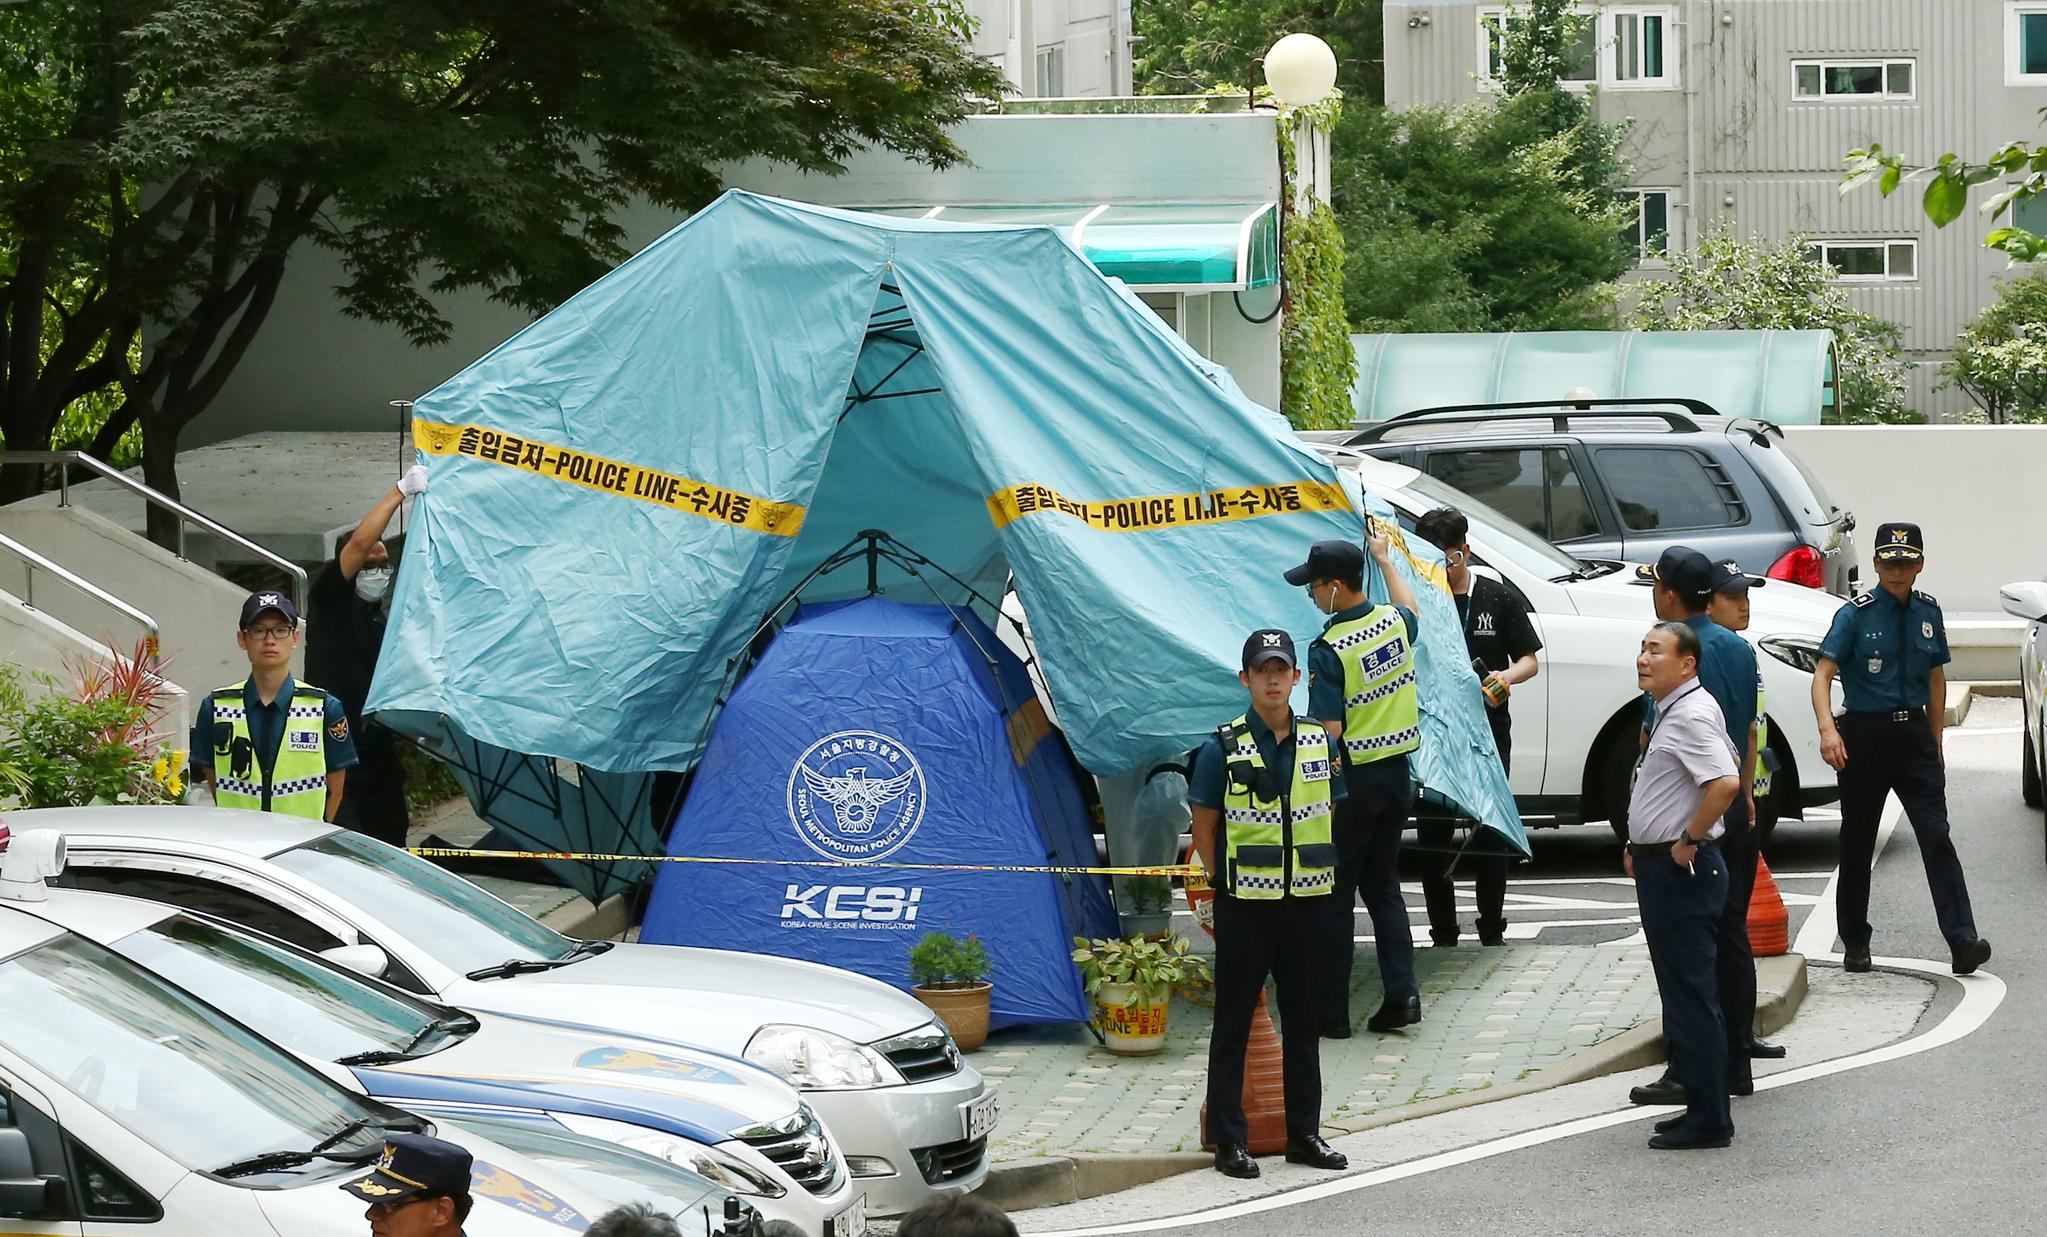 23일 경찰이 시신이 있는 작은 텐트위로 큰 천막을 치고 있다. 임현동 기자